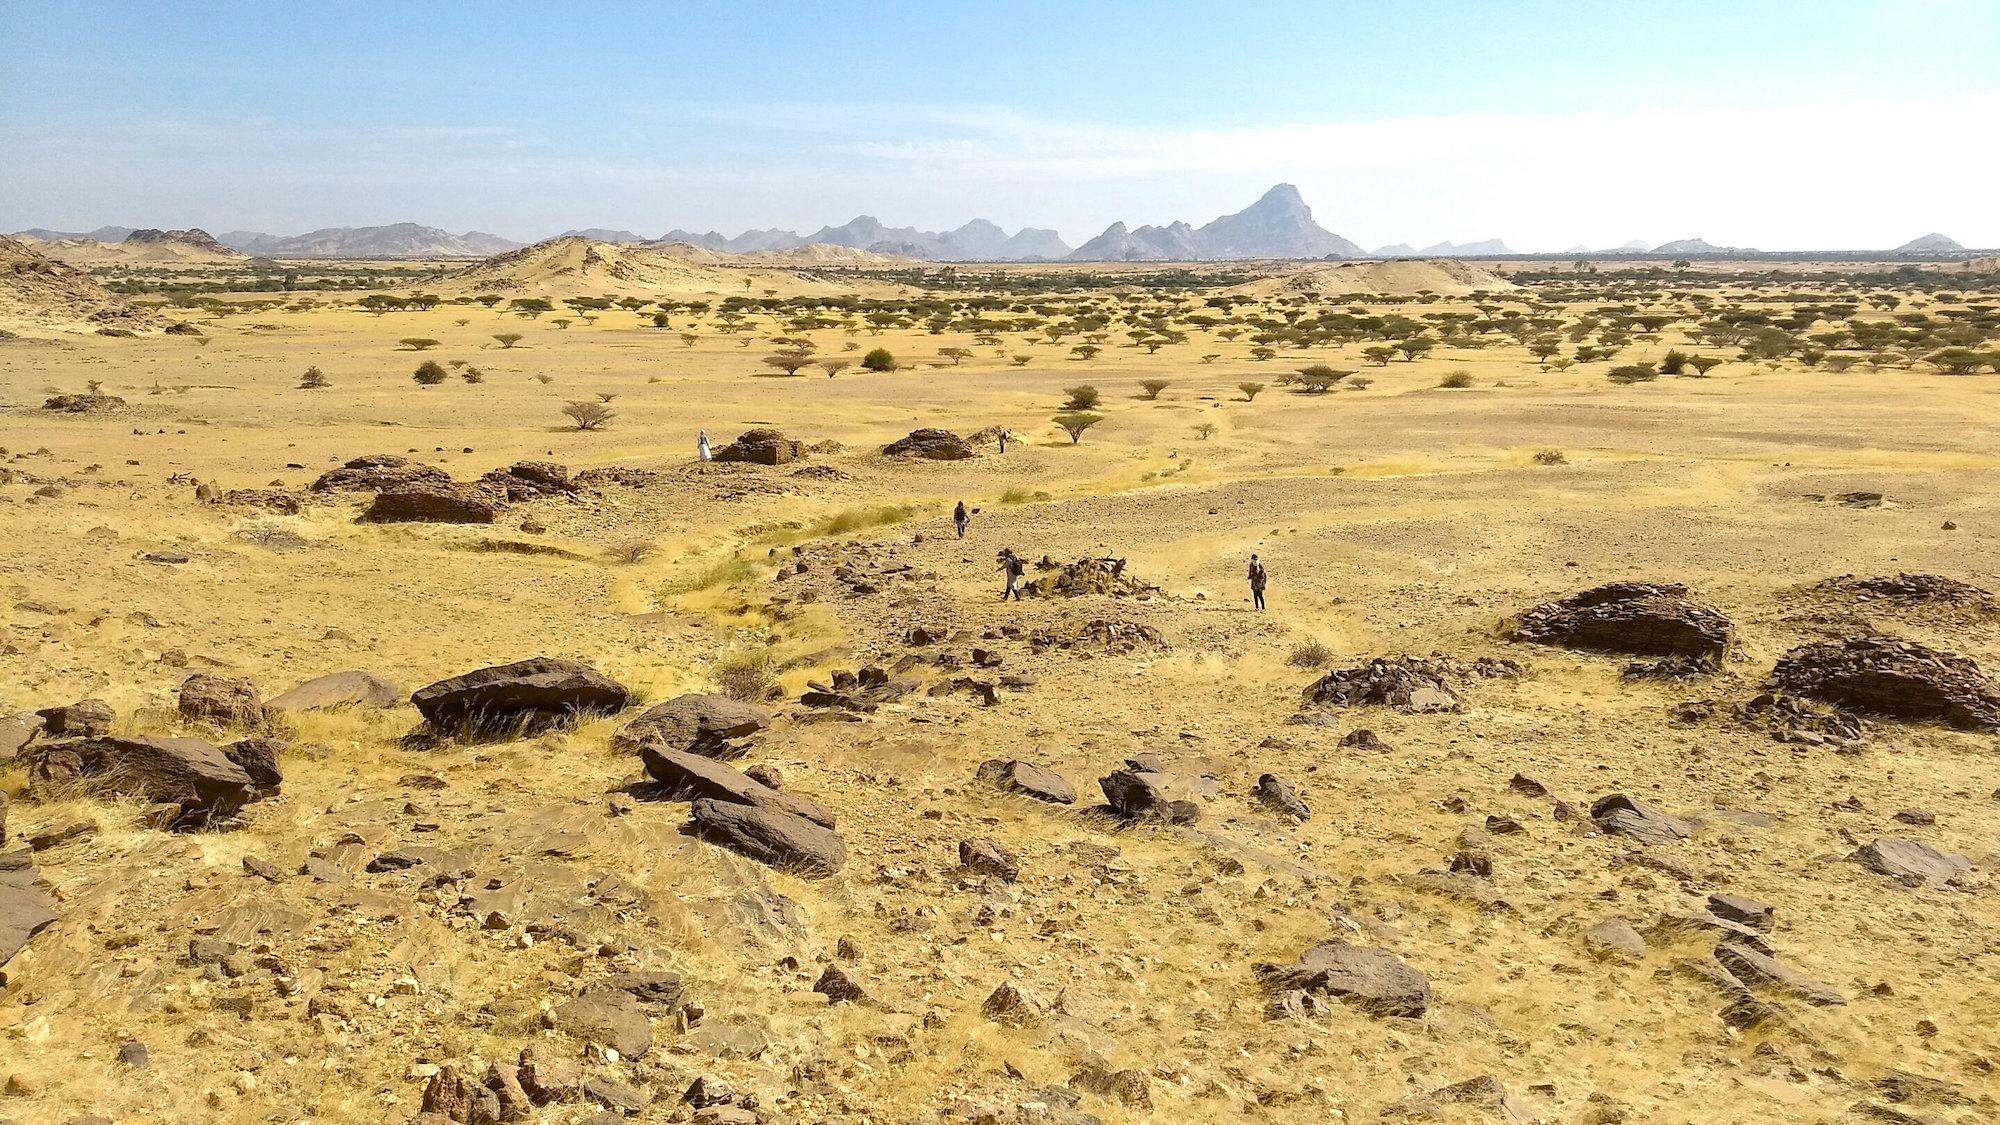 非洲伊斯蘭墓地遠景圖。(Stefano Costanzo)